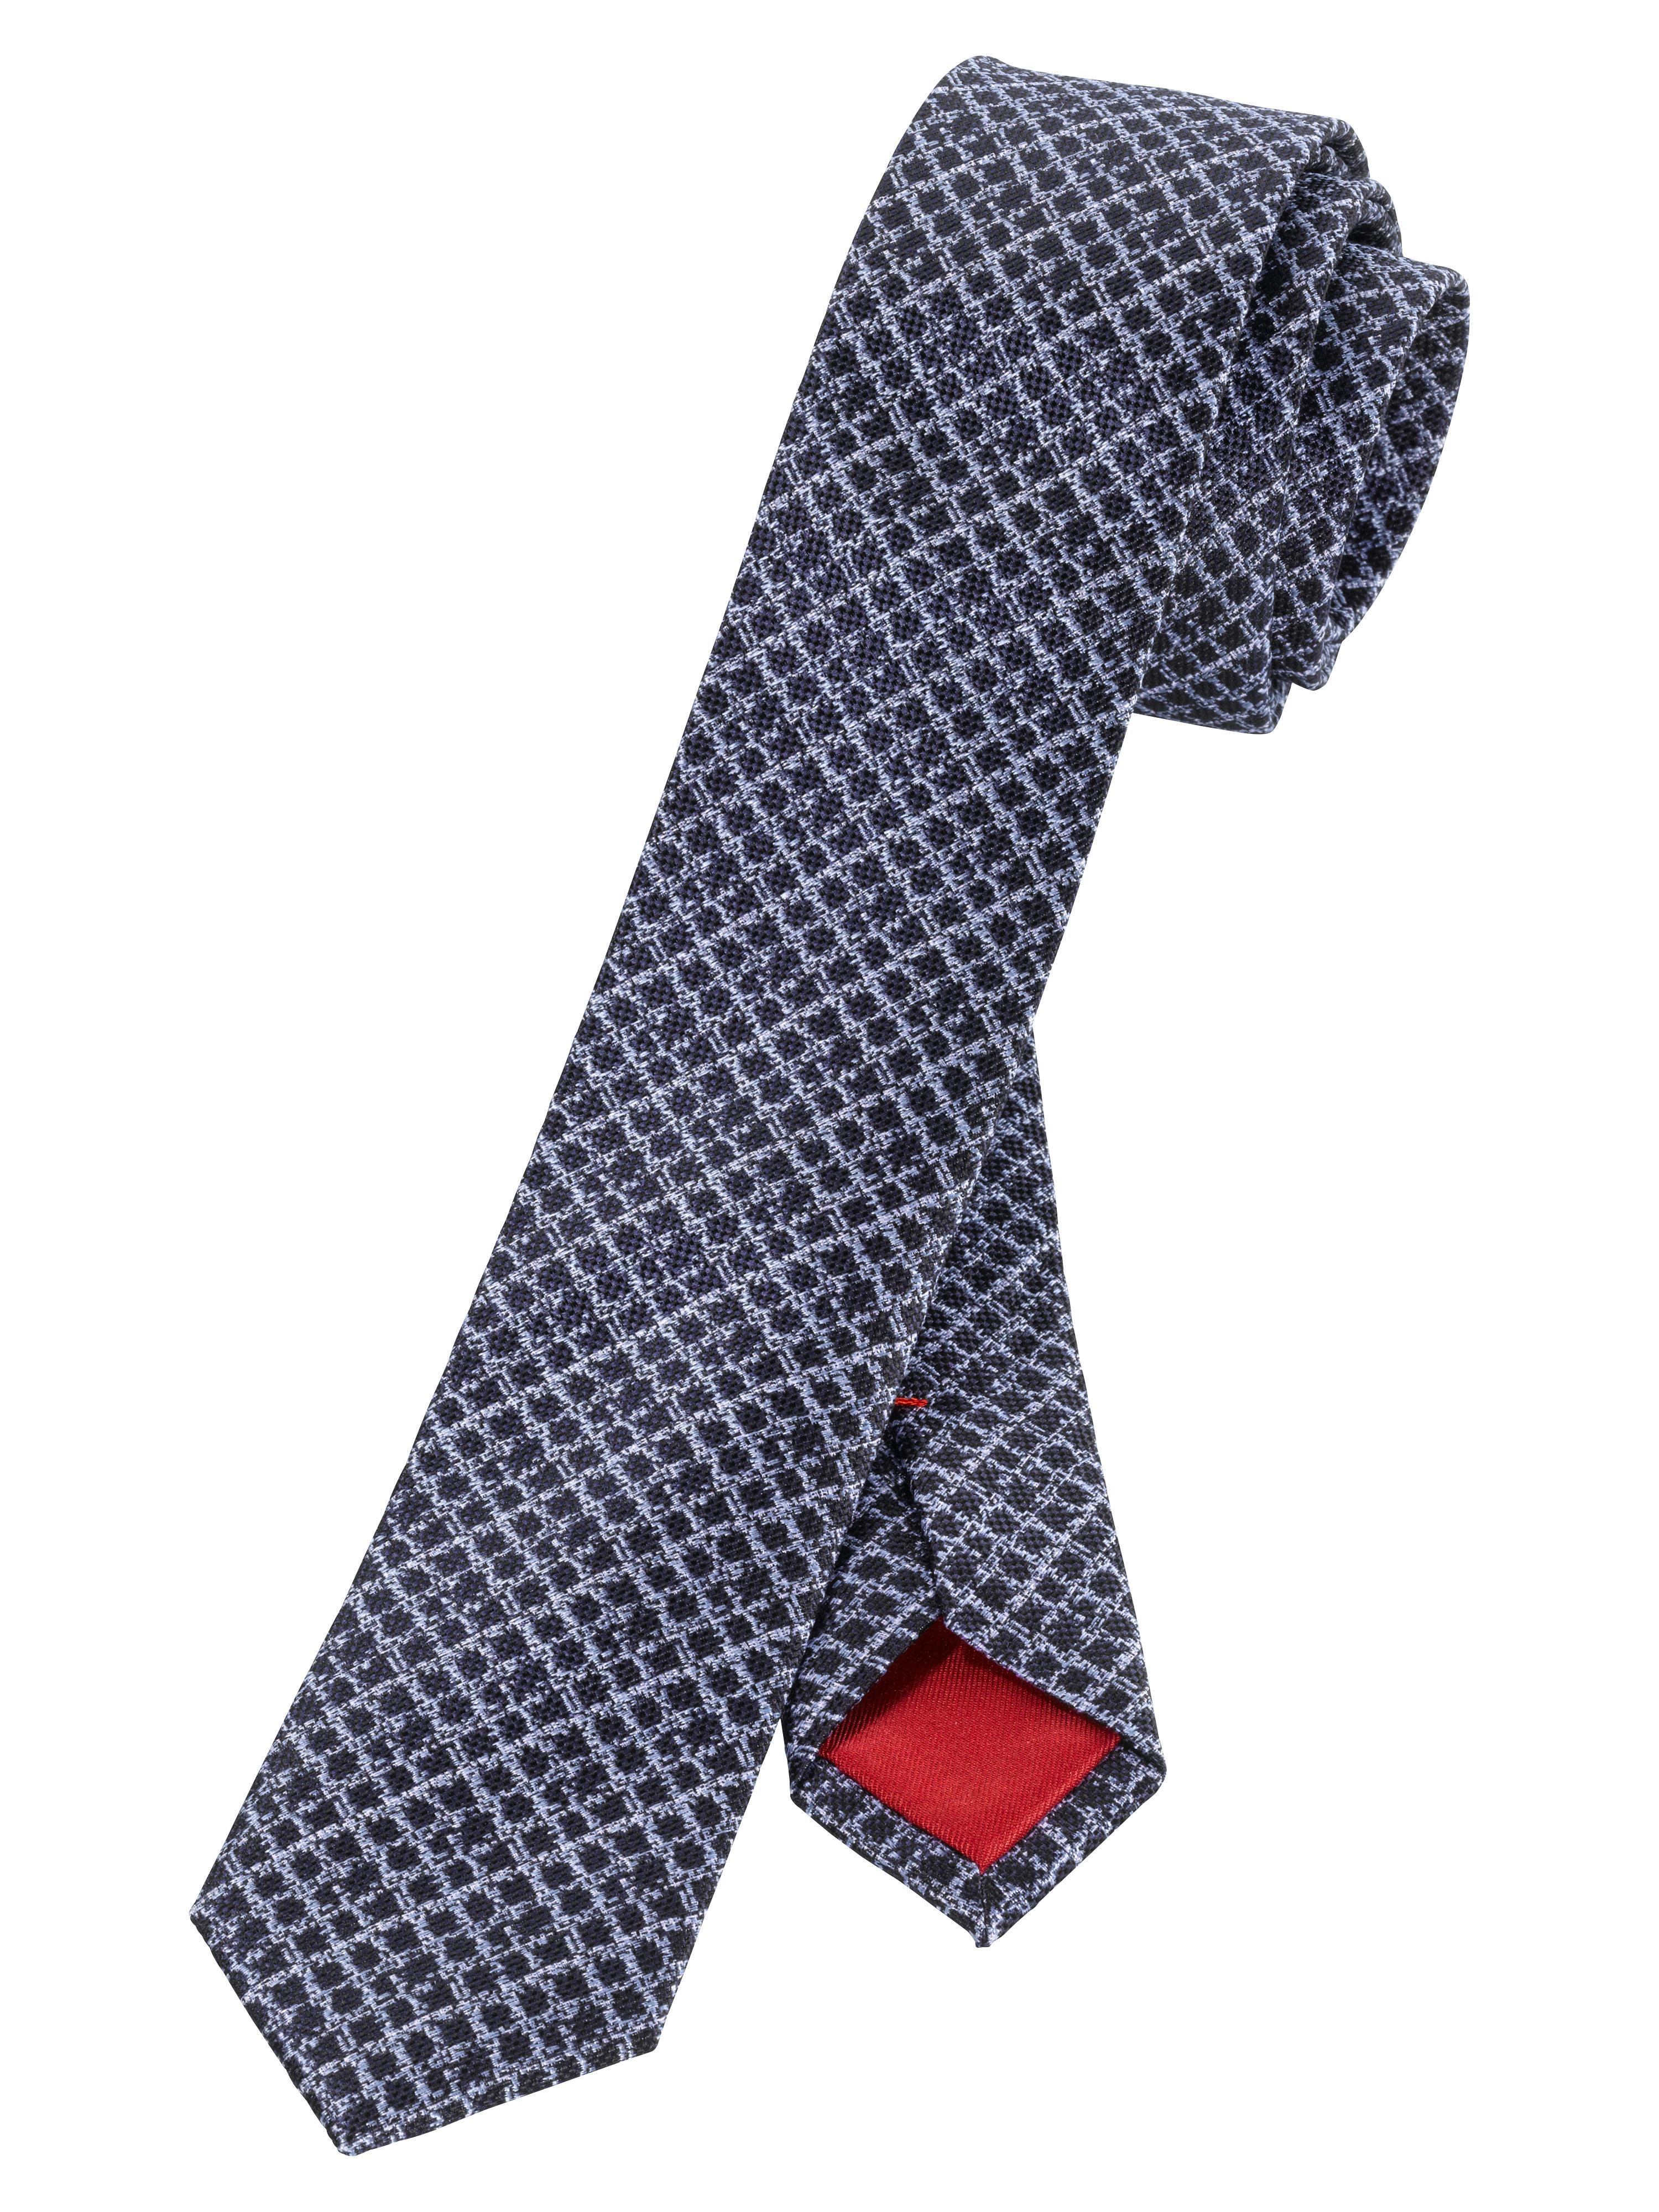 OLYMP  Krawatte, Marine, | Accessoires > Krawatten | OLYMP